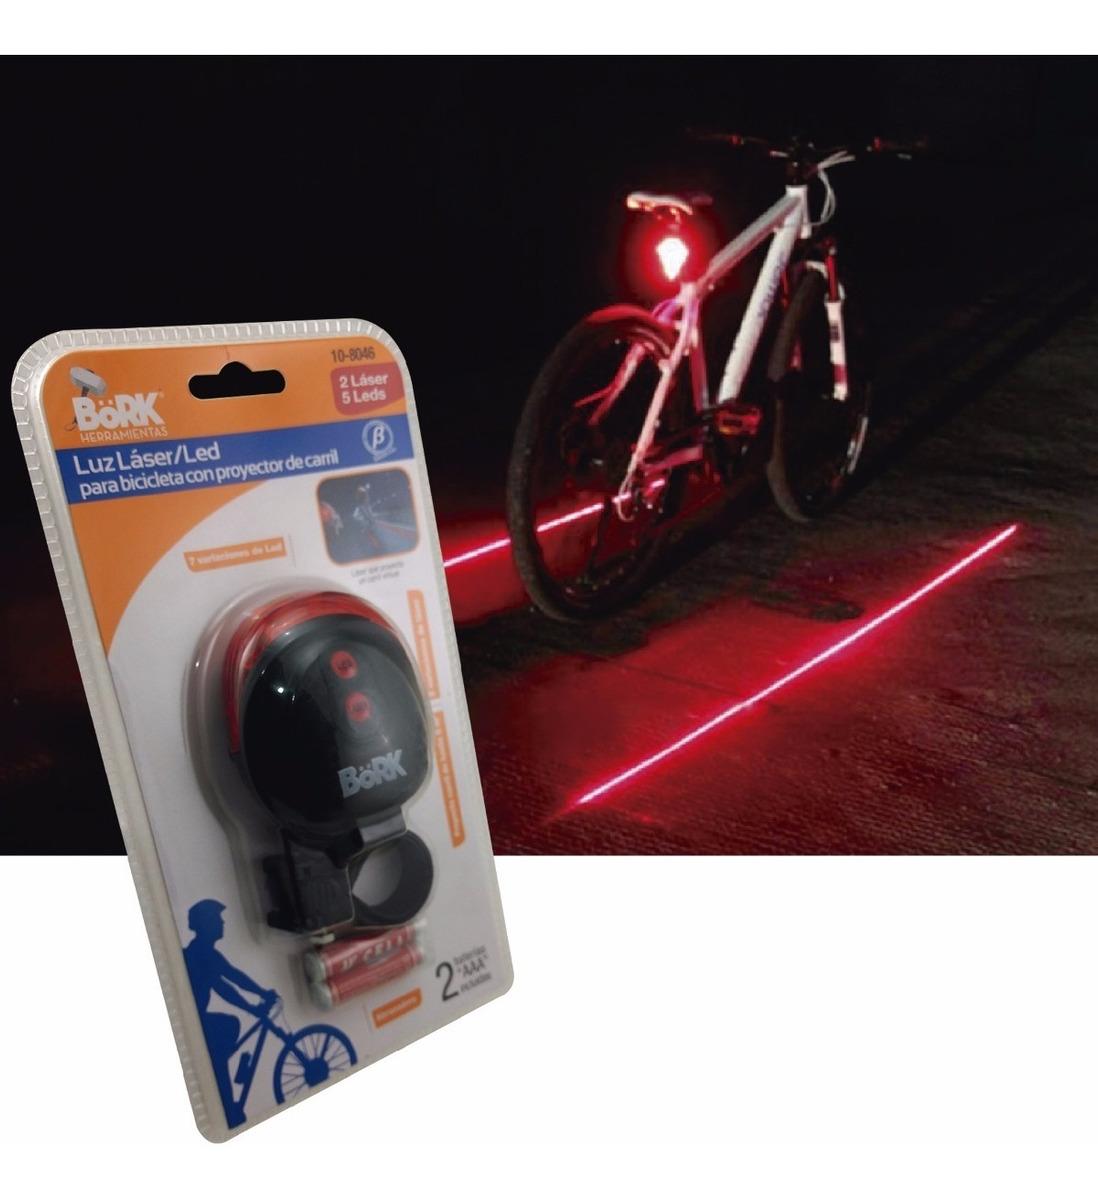 85d3bac57 Luz Laser Led Para Bicicleta Con Proyector De Carril - $ 159.00 en ...